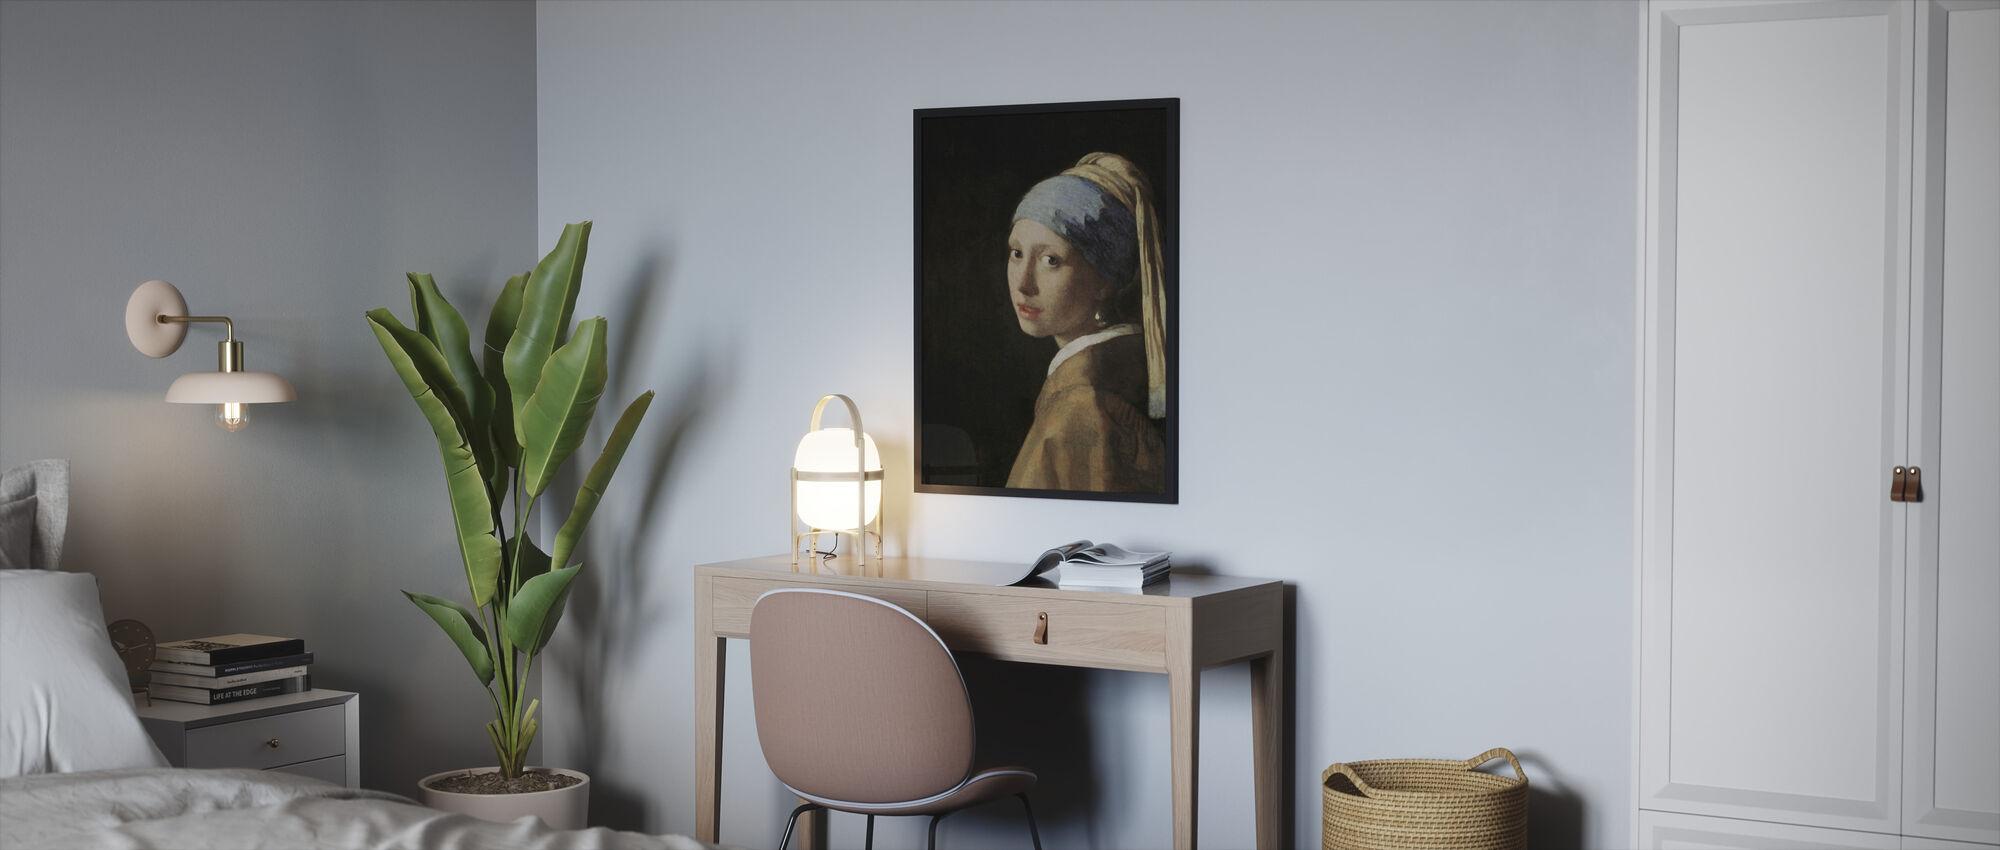 Girl with a Pearl Earring, Jan Vermeer - Framed print - Bedroom